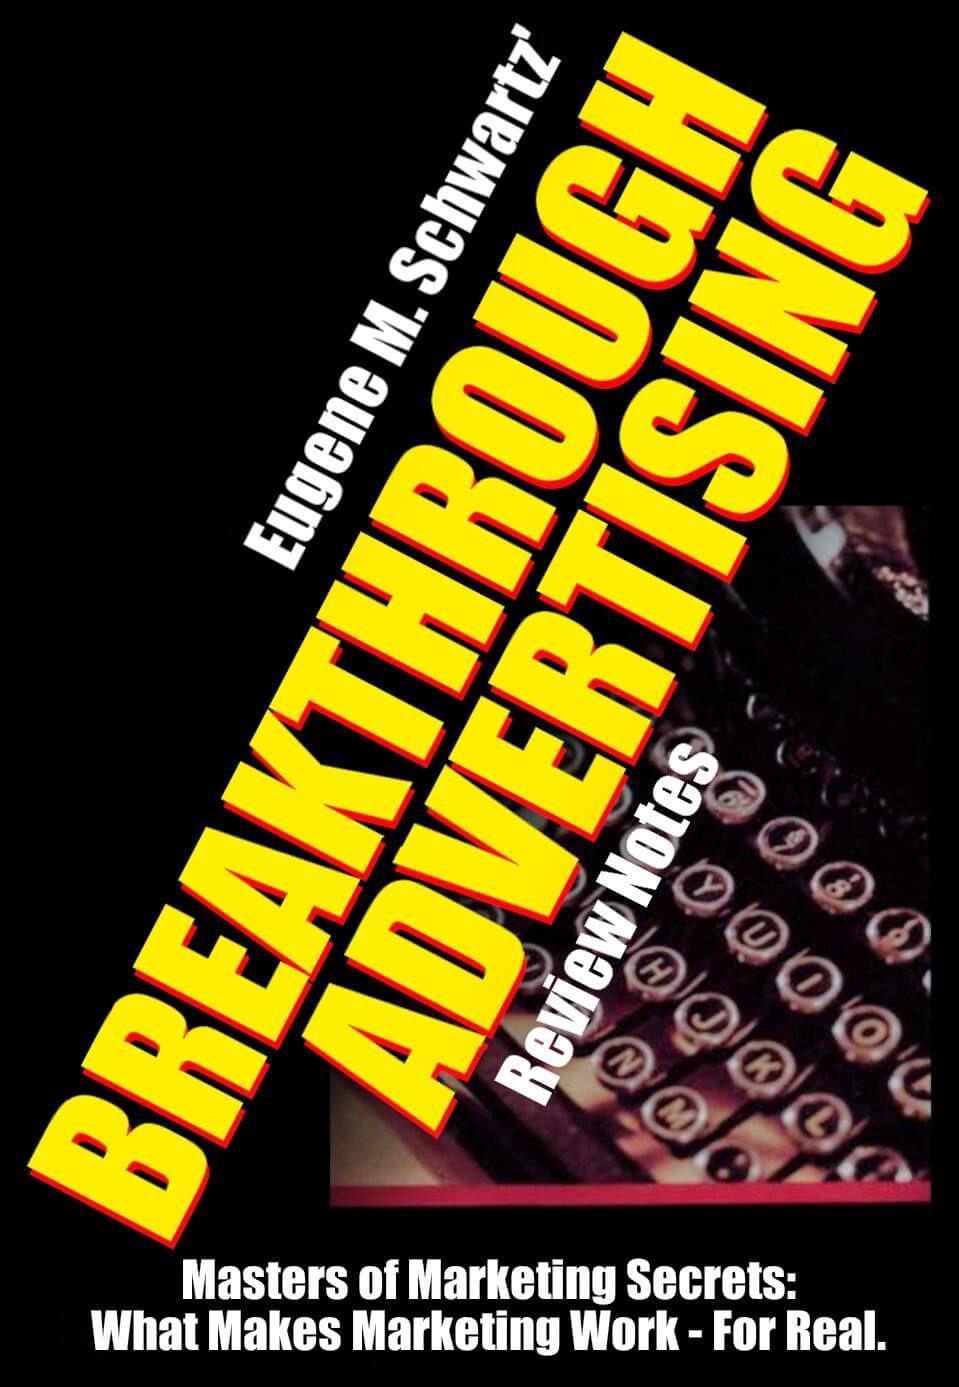 每一位企业主、市场营销专家或任何需要增加销量的人必看的书(Breakthrough Advertising)